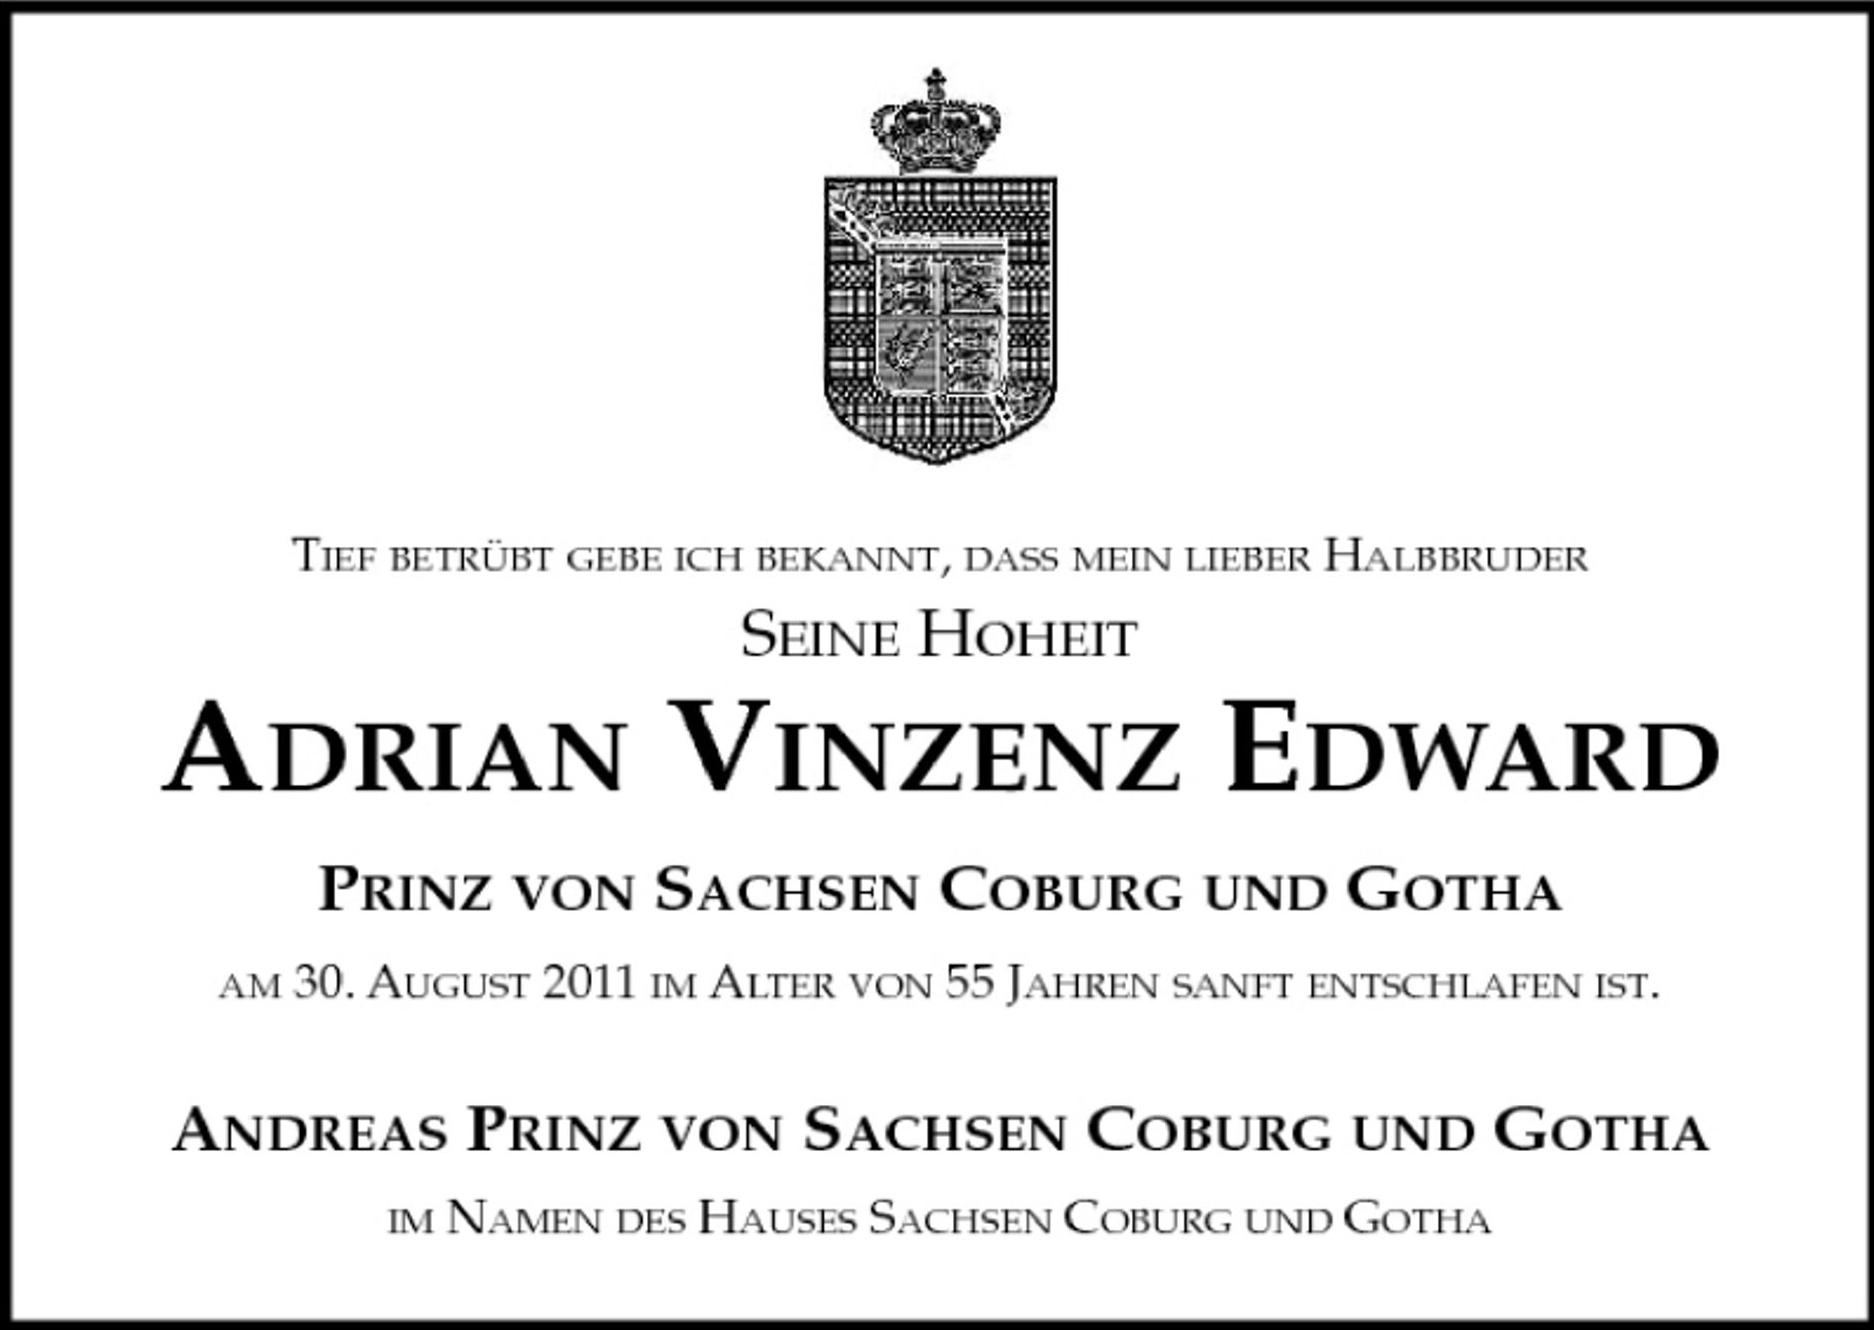 Adrian Prinz von Sachsen Coburg und Gotha